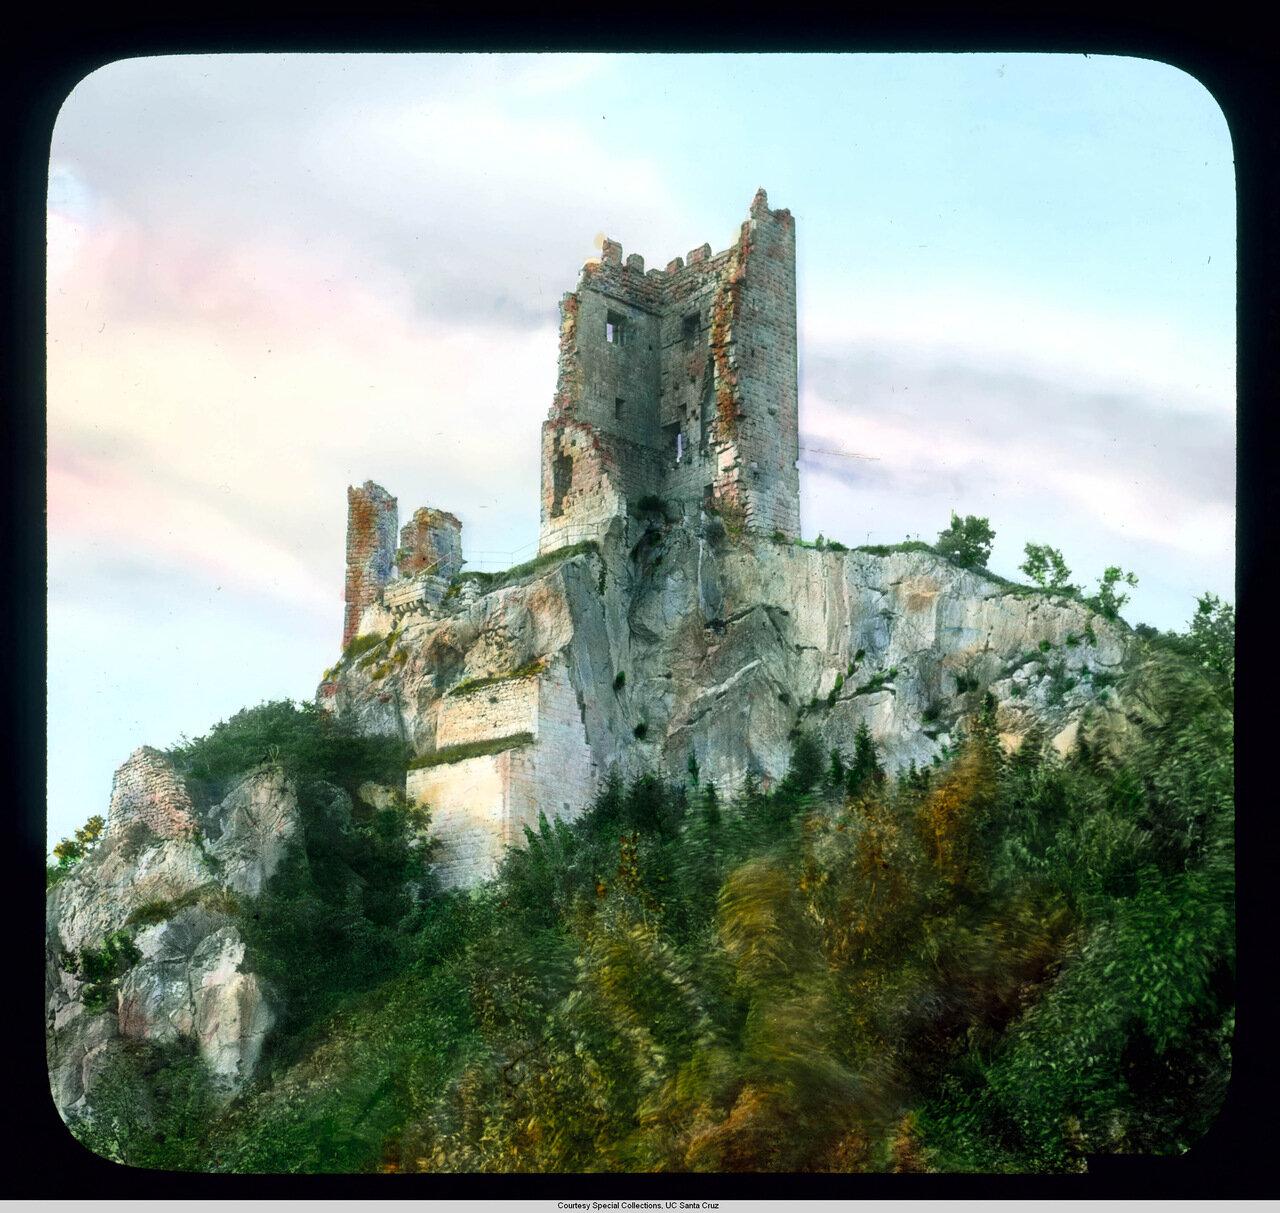 Рейнская долина. Руины крепости Драхенфельс (Пфальц)